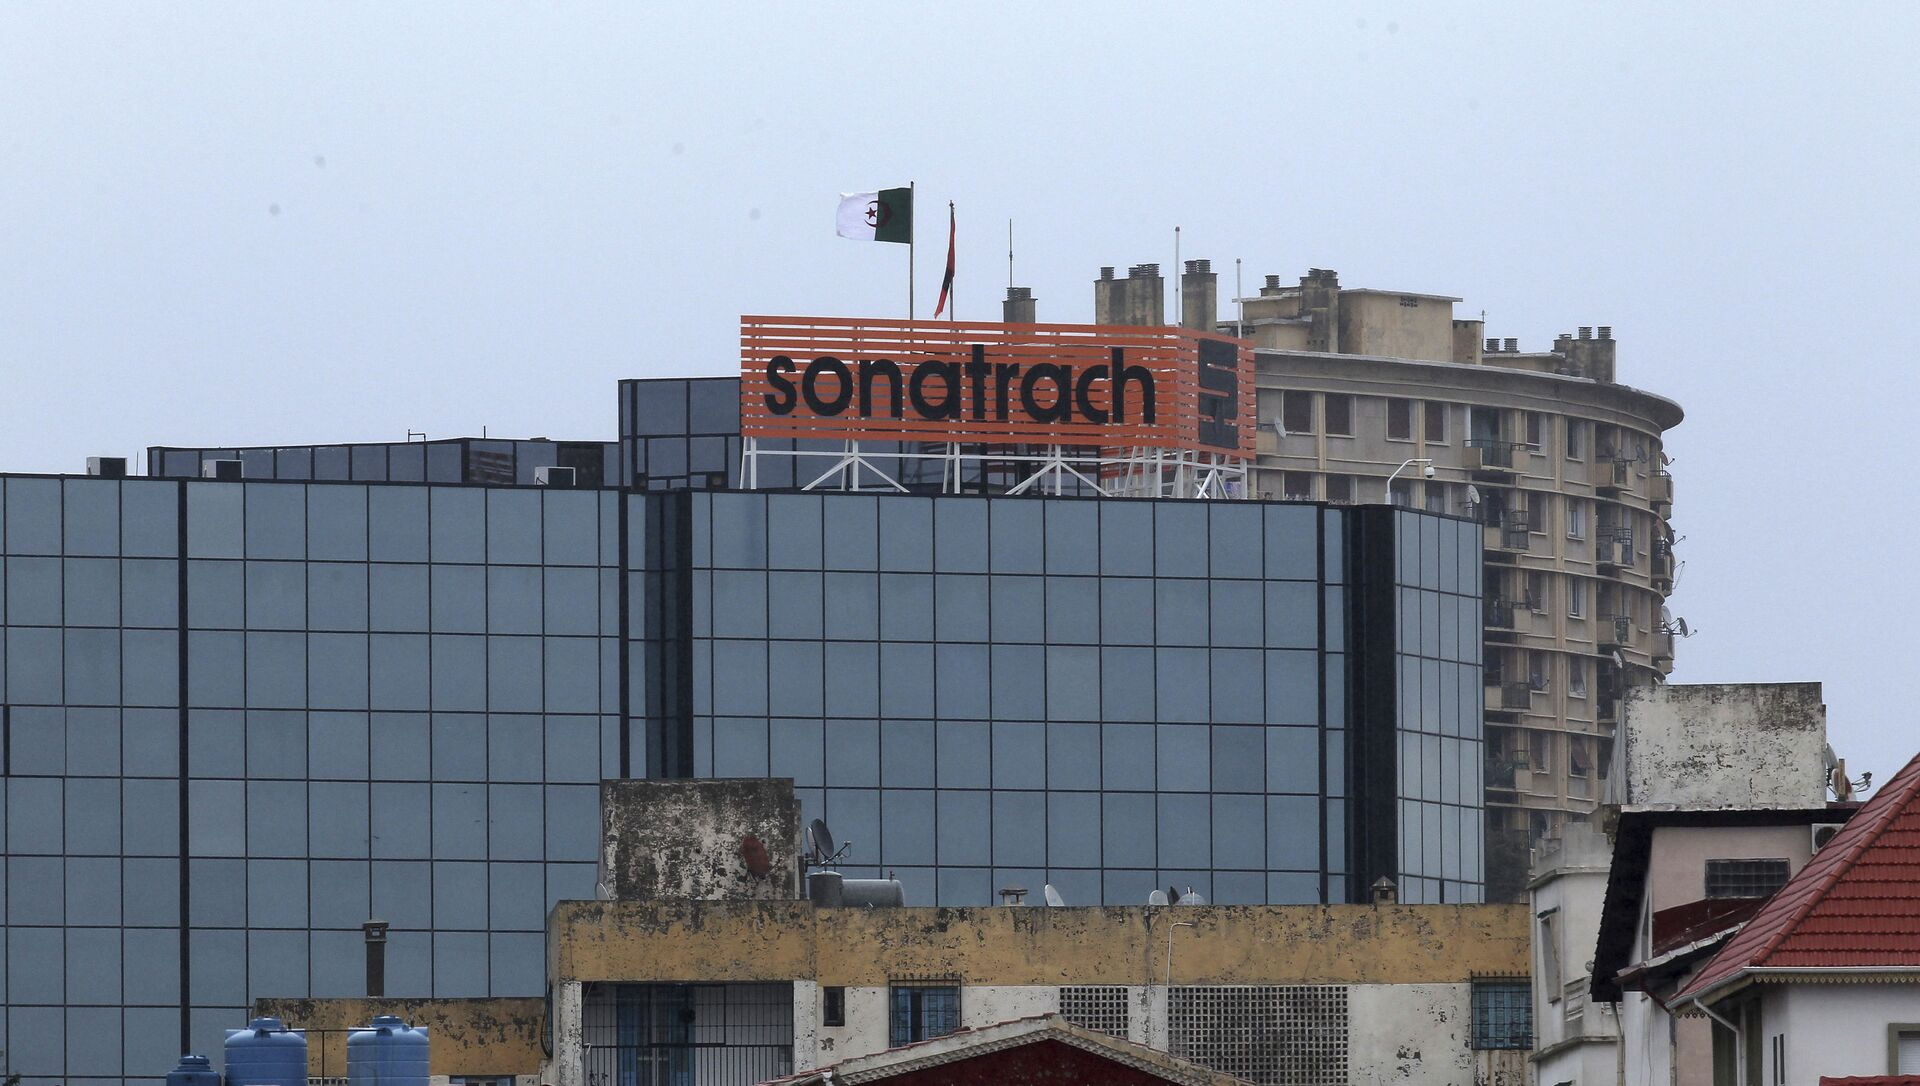 Le logo de la Sonatrach à Alger - Sputnik France, 1920, 26.02.2021